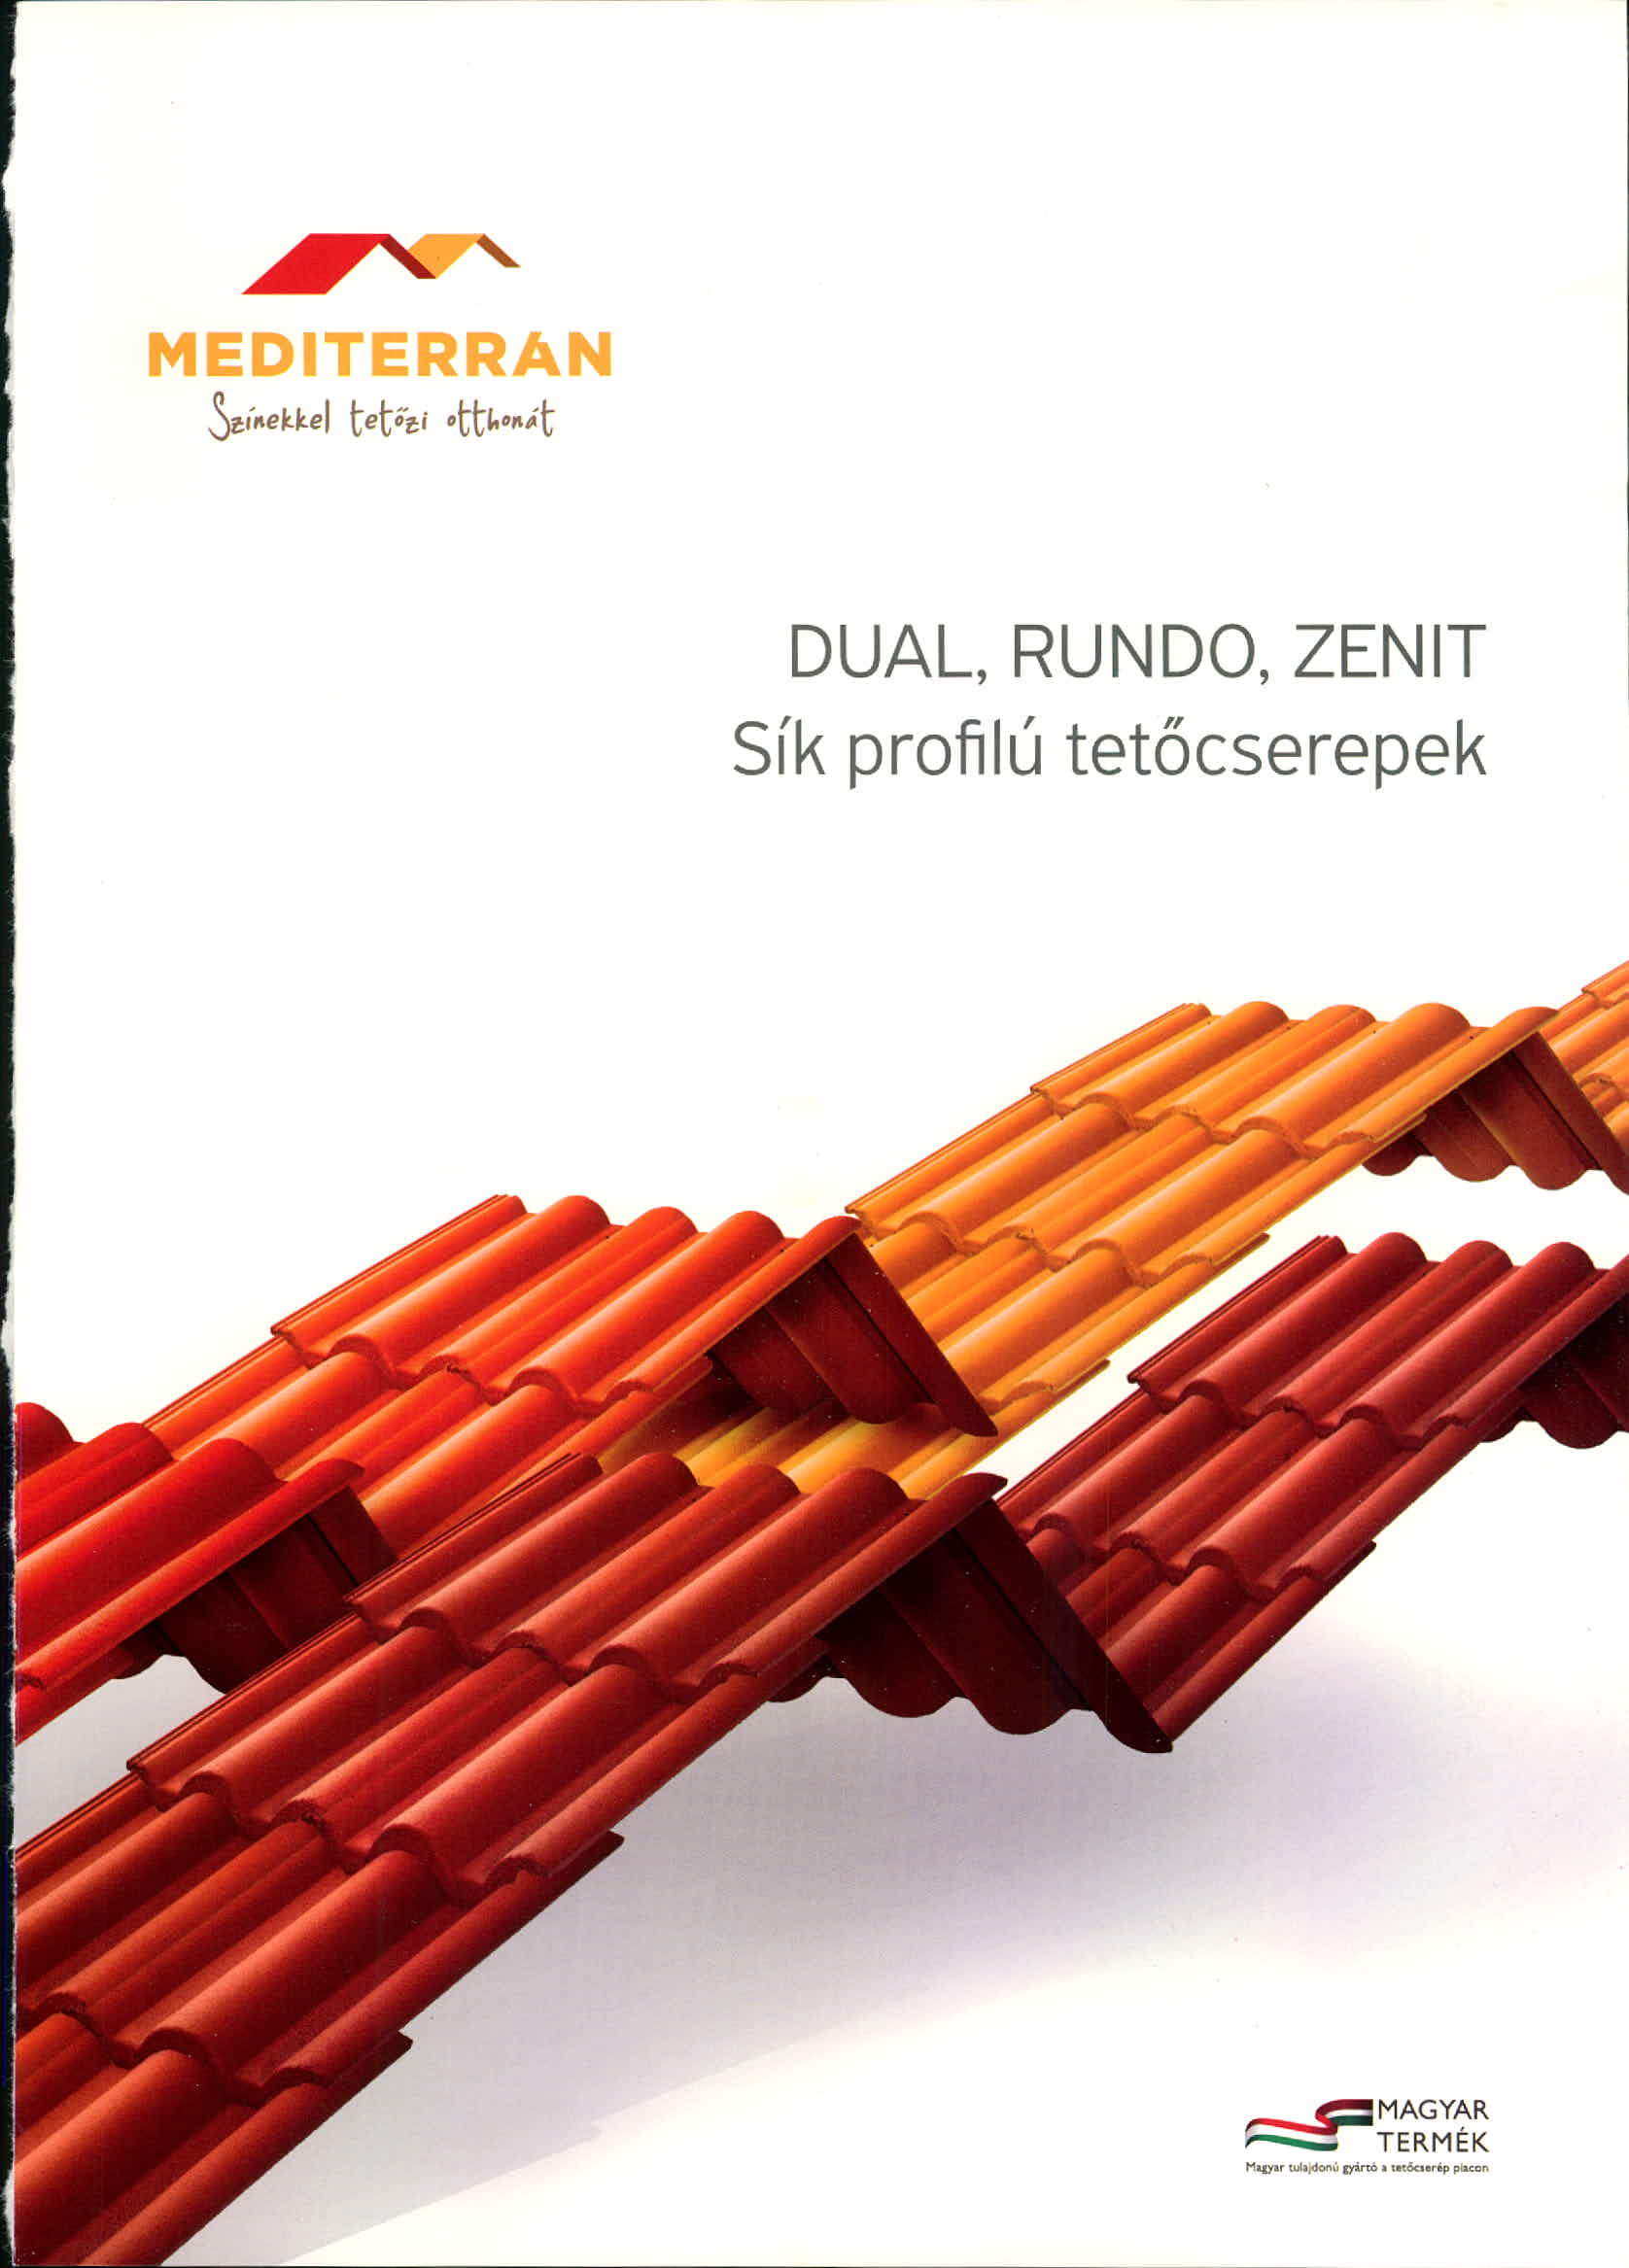 Mediterran sík tetőcserép